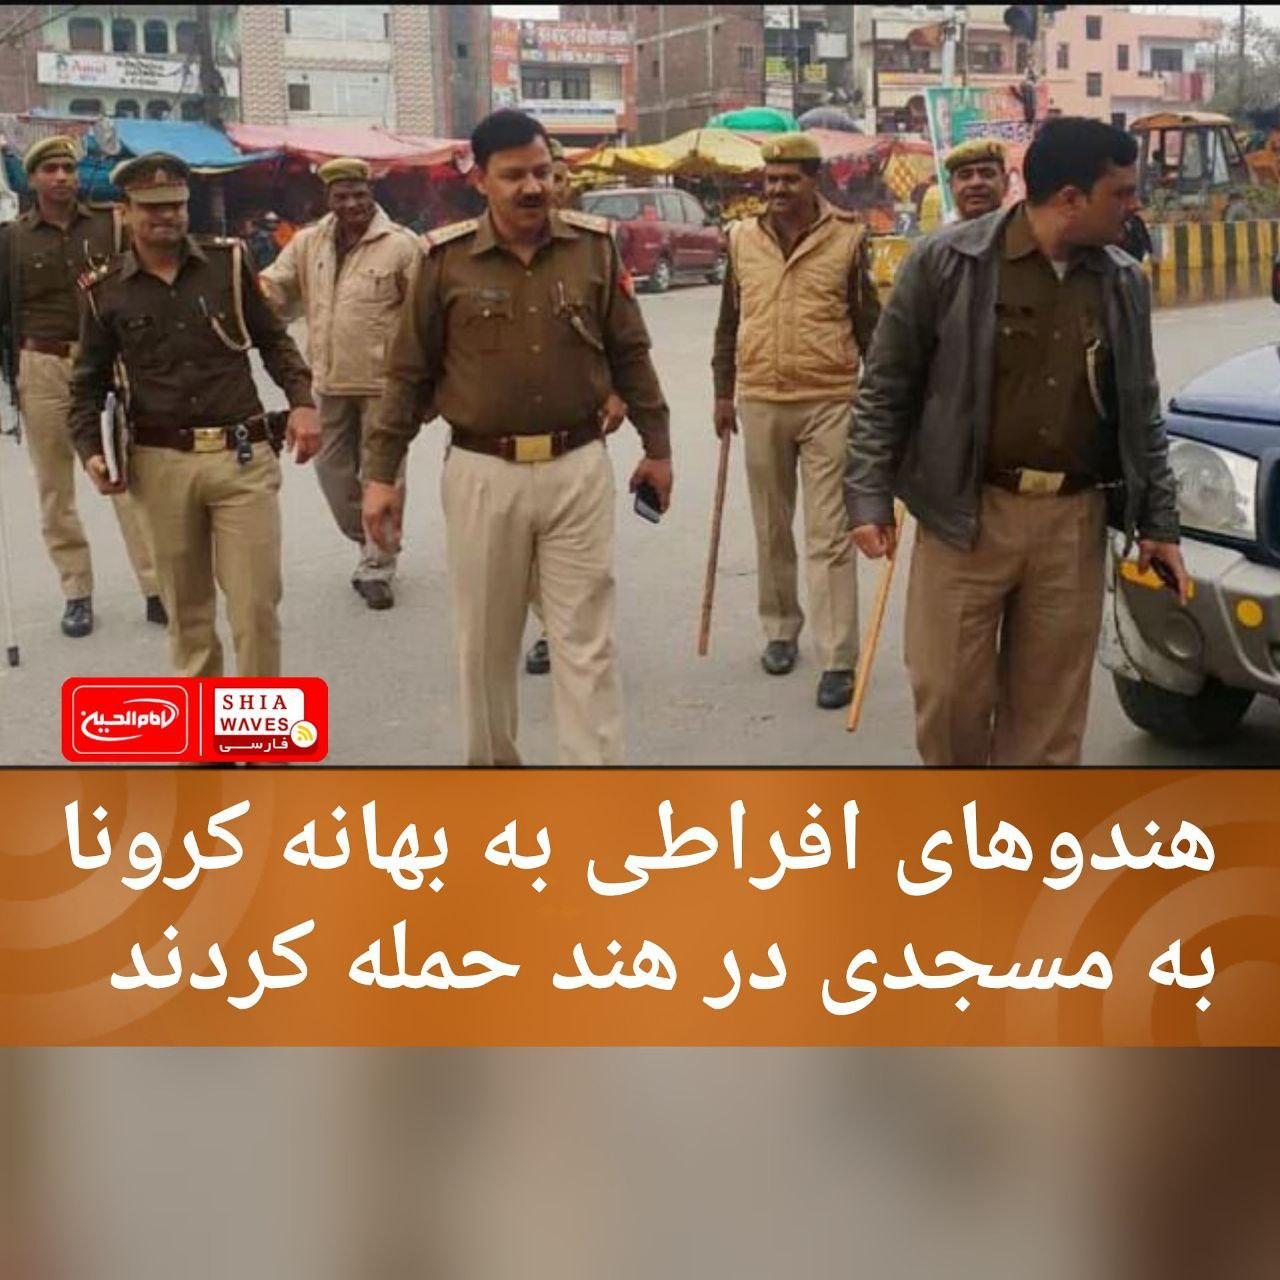 تصویر هندوهای افراطی به بهانه کرونا به مسجدی در هند حمله کردند